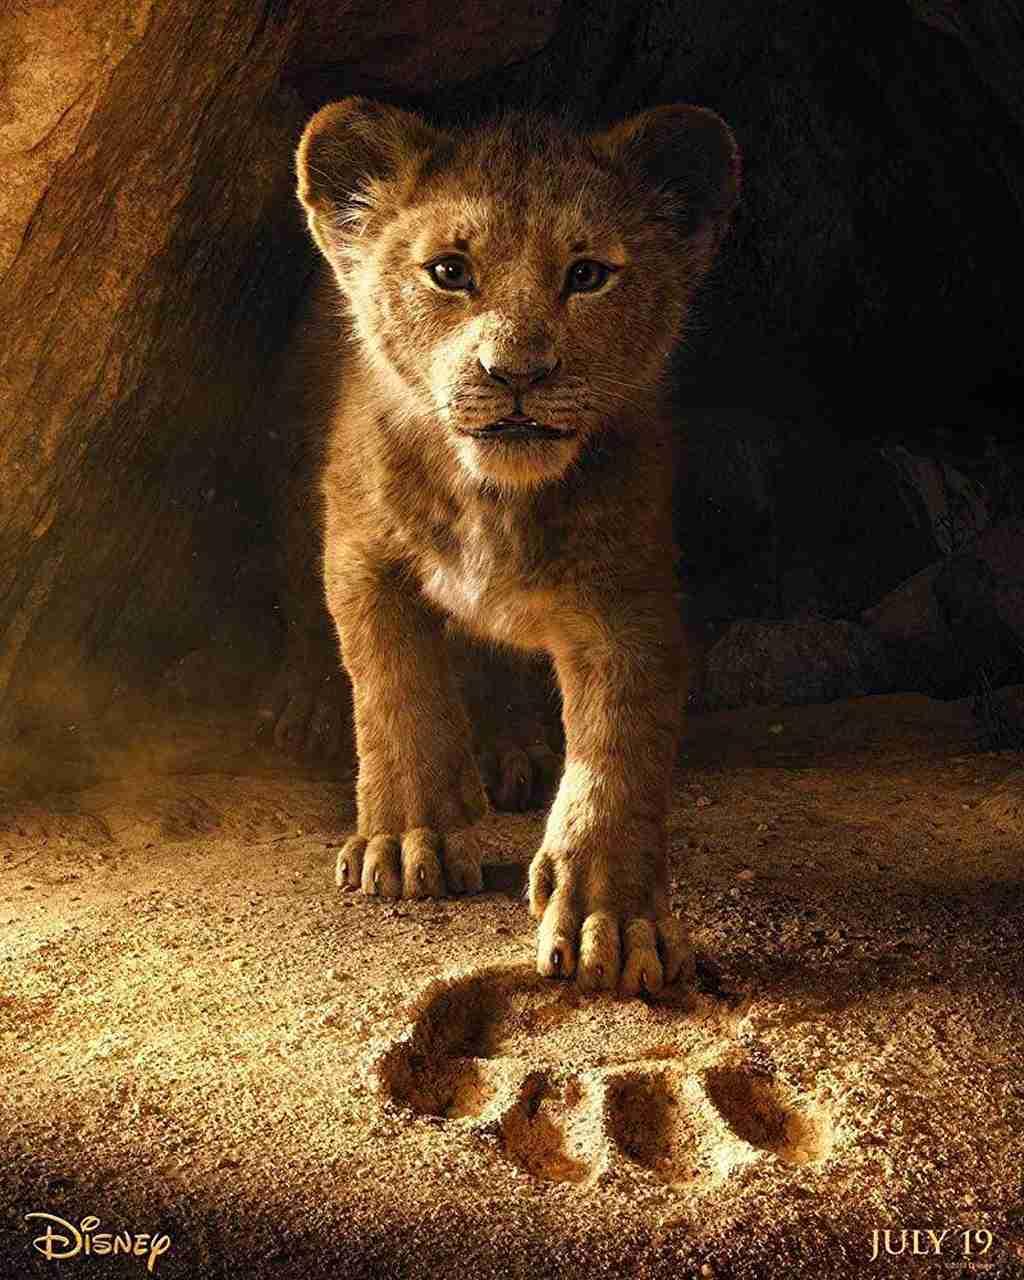 O Rei Leão 2019: Conheça a história do filme